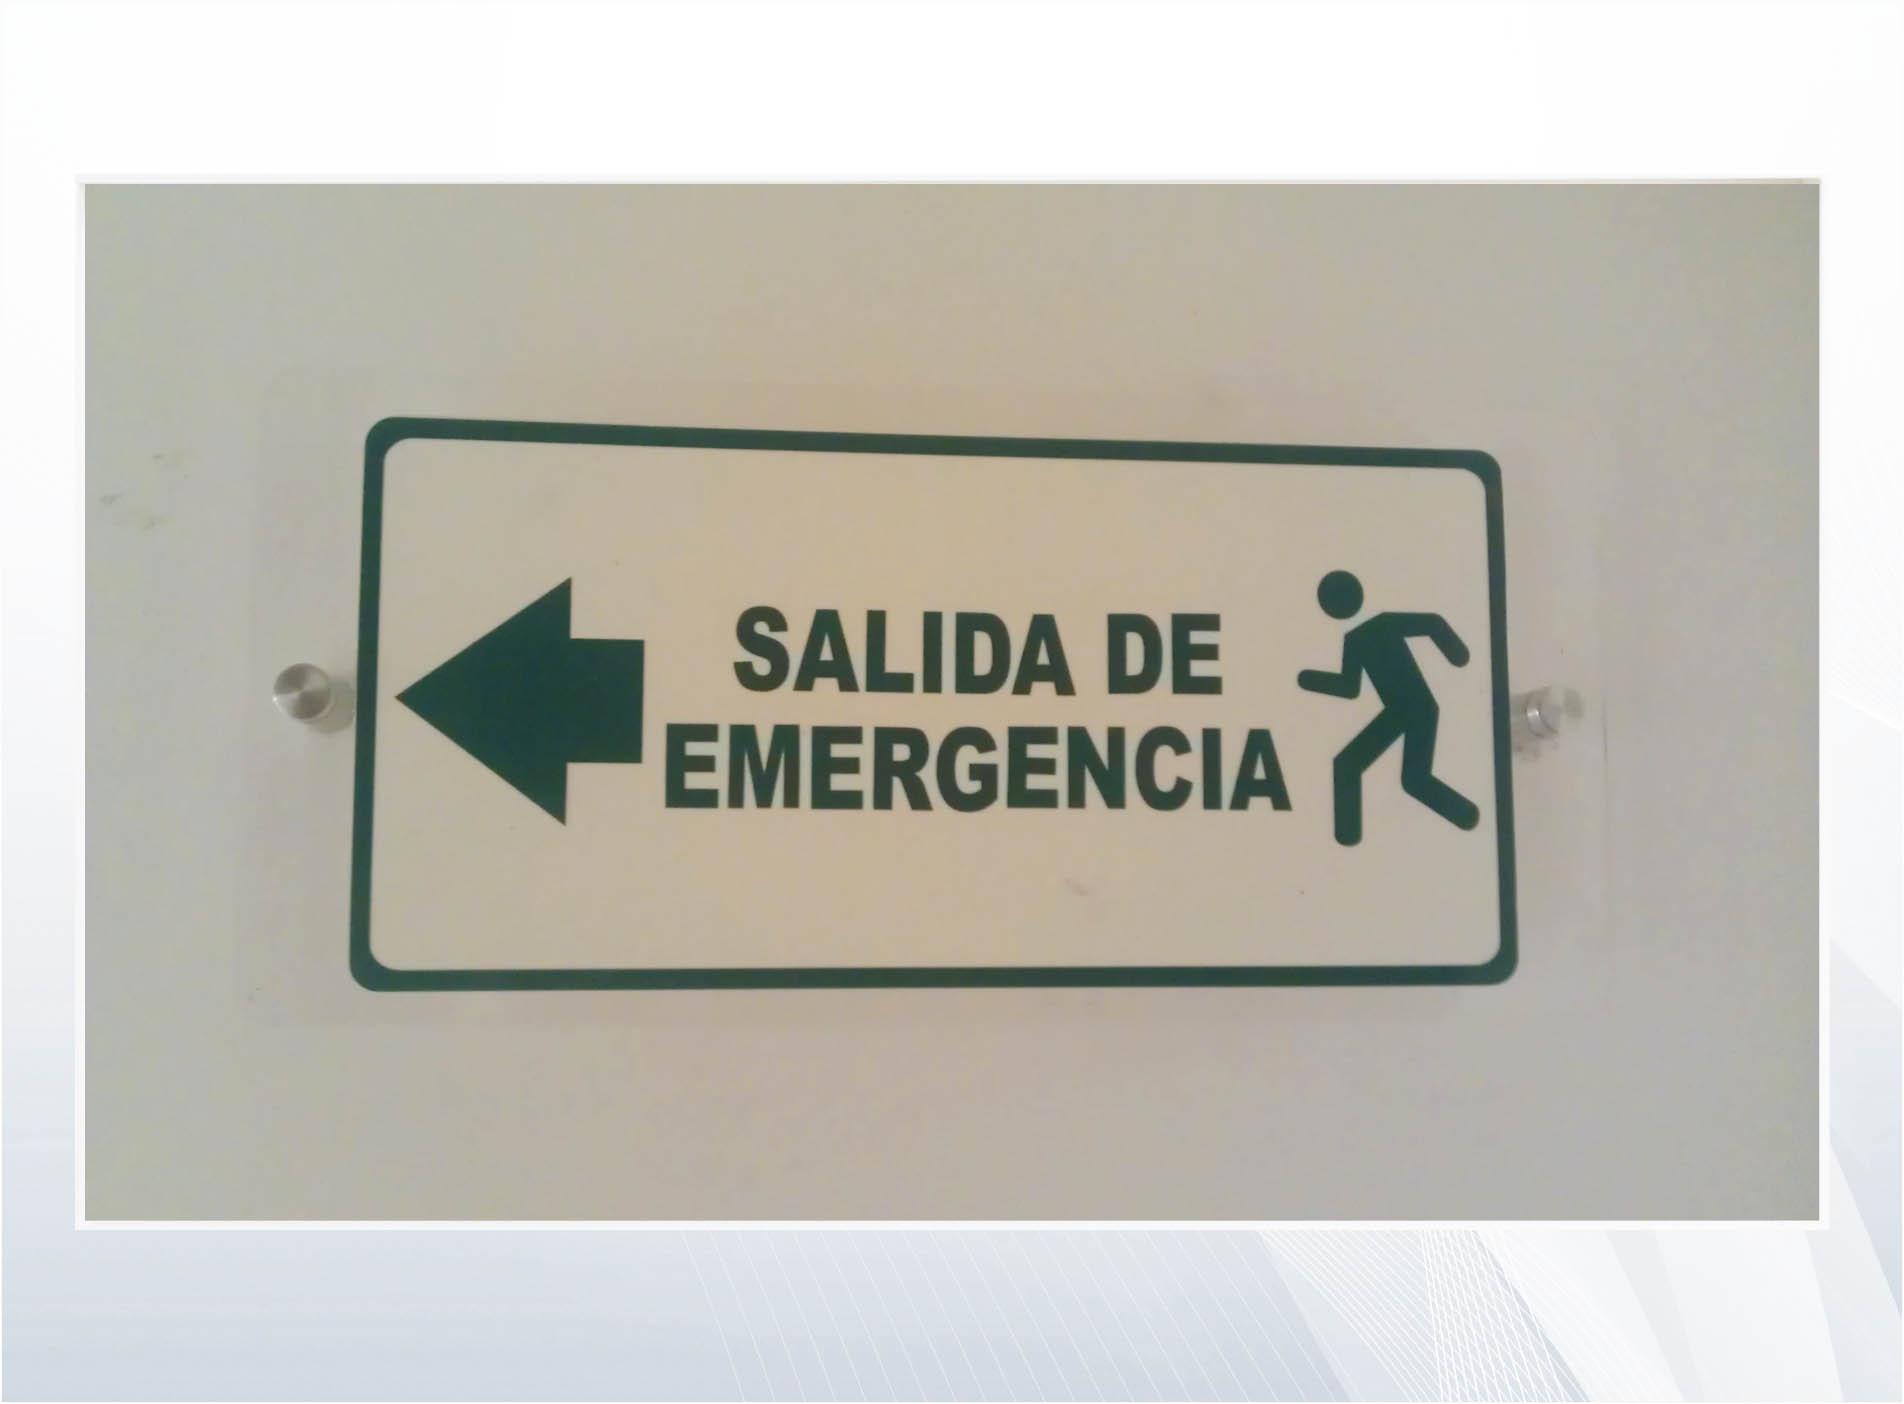 ruta_evacuación_acrílico_vinilo_fotoluminiscente_brc_ggcm